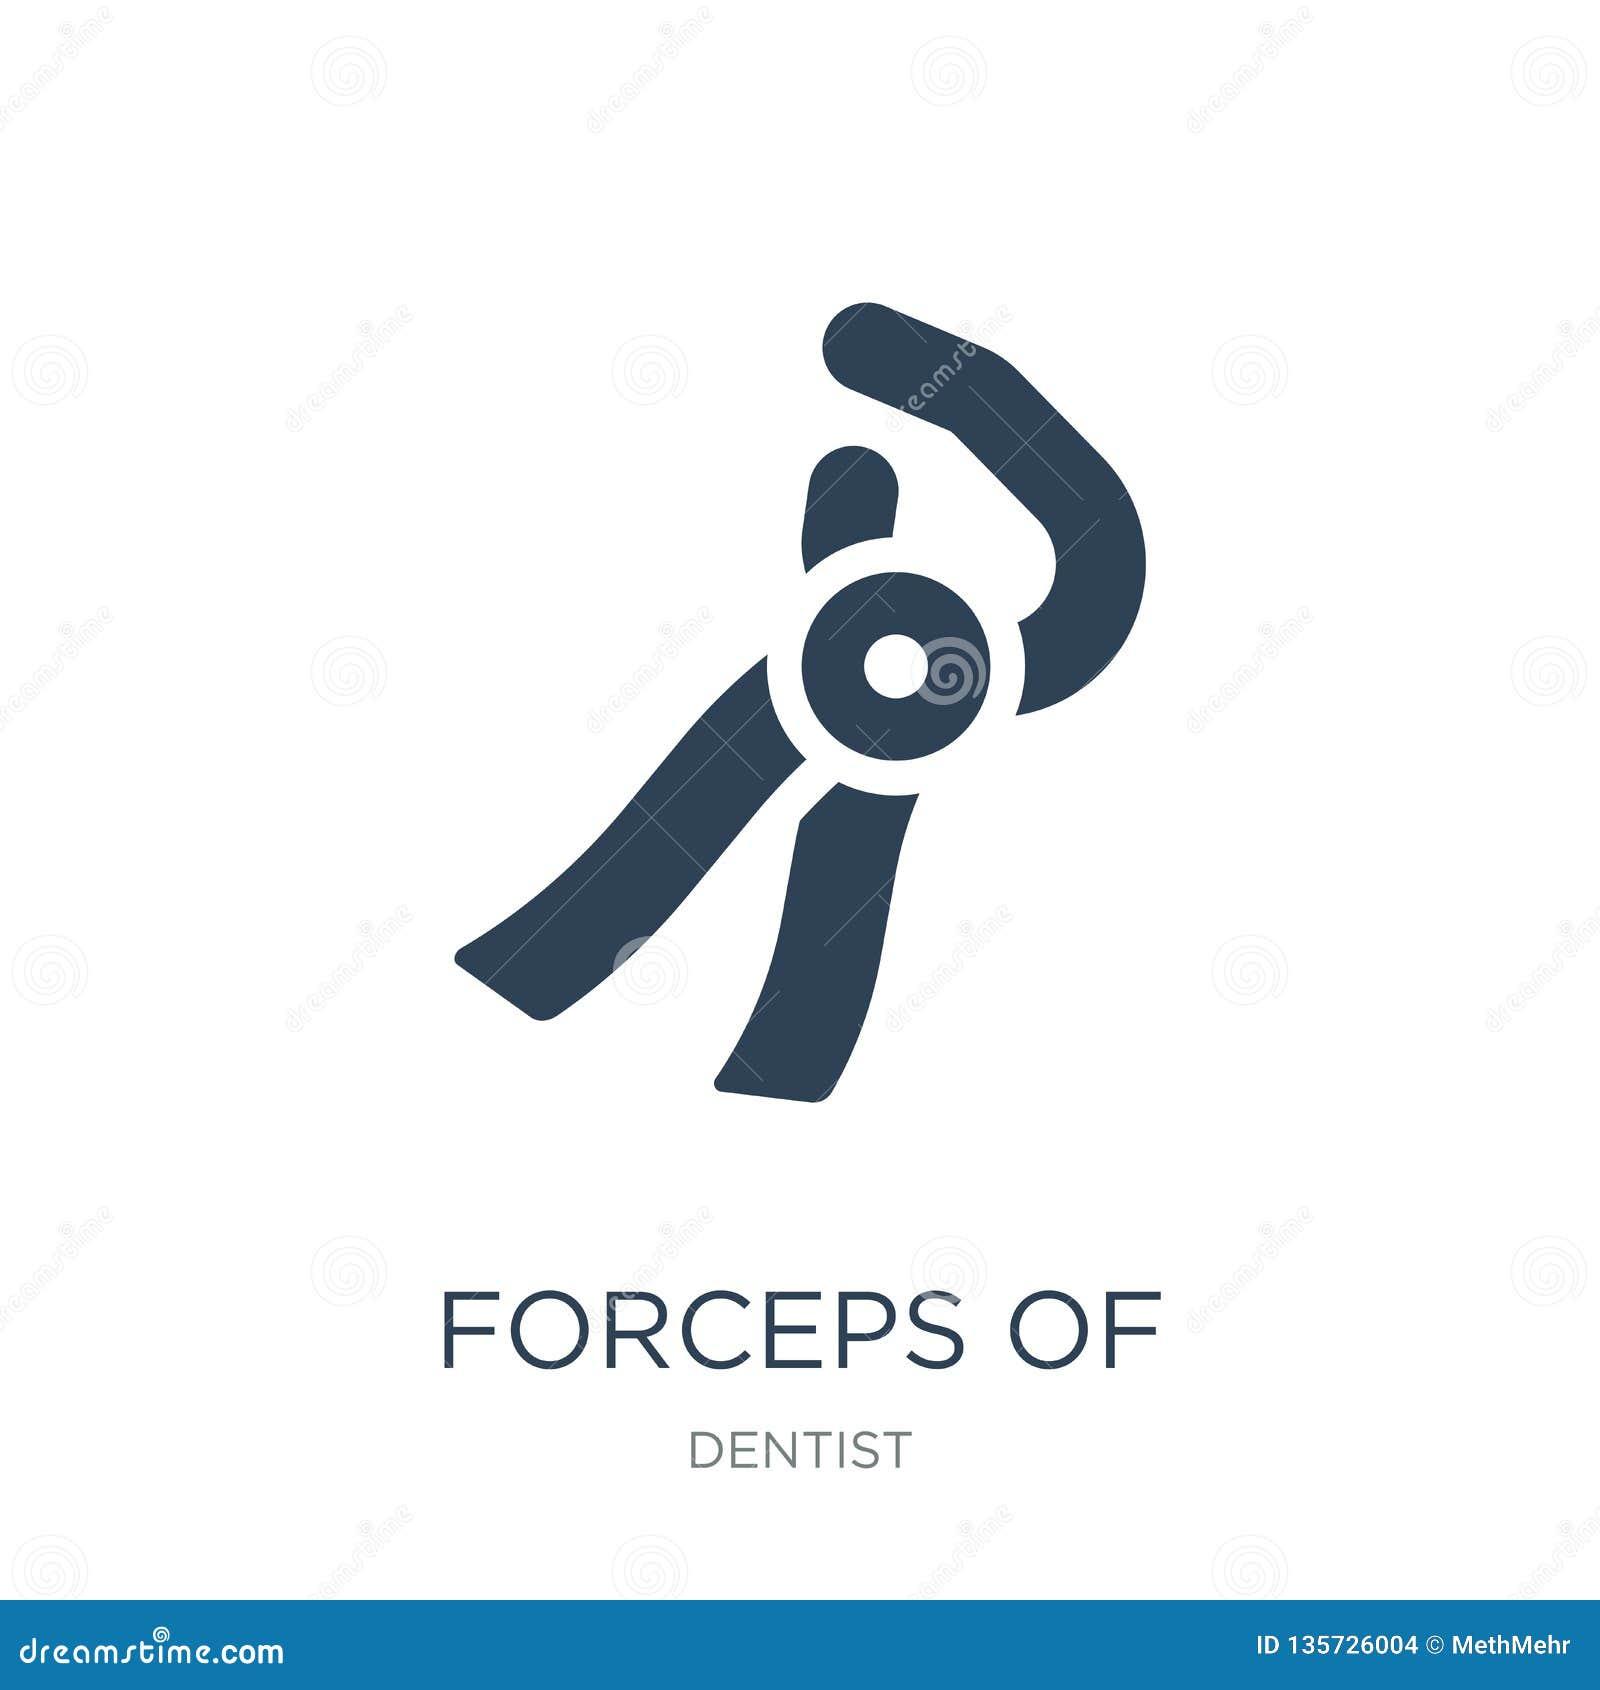 λαβίδες του εικονιδίου εργαλείων οδοντιάτρων στο καθιερώνον τη μόδα ύφος σχεδίου λαβίδες του εικονιδίου εργαλείων οδοντιάτρων που